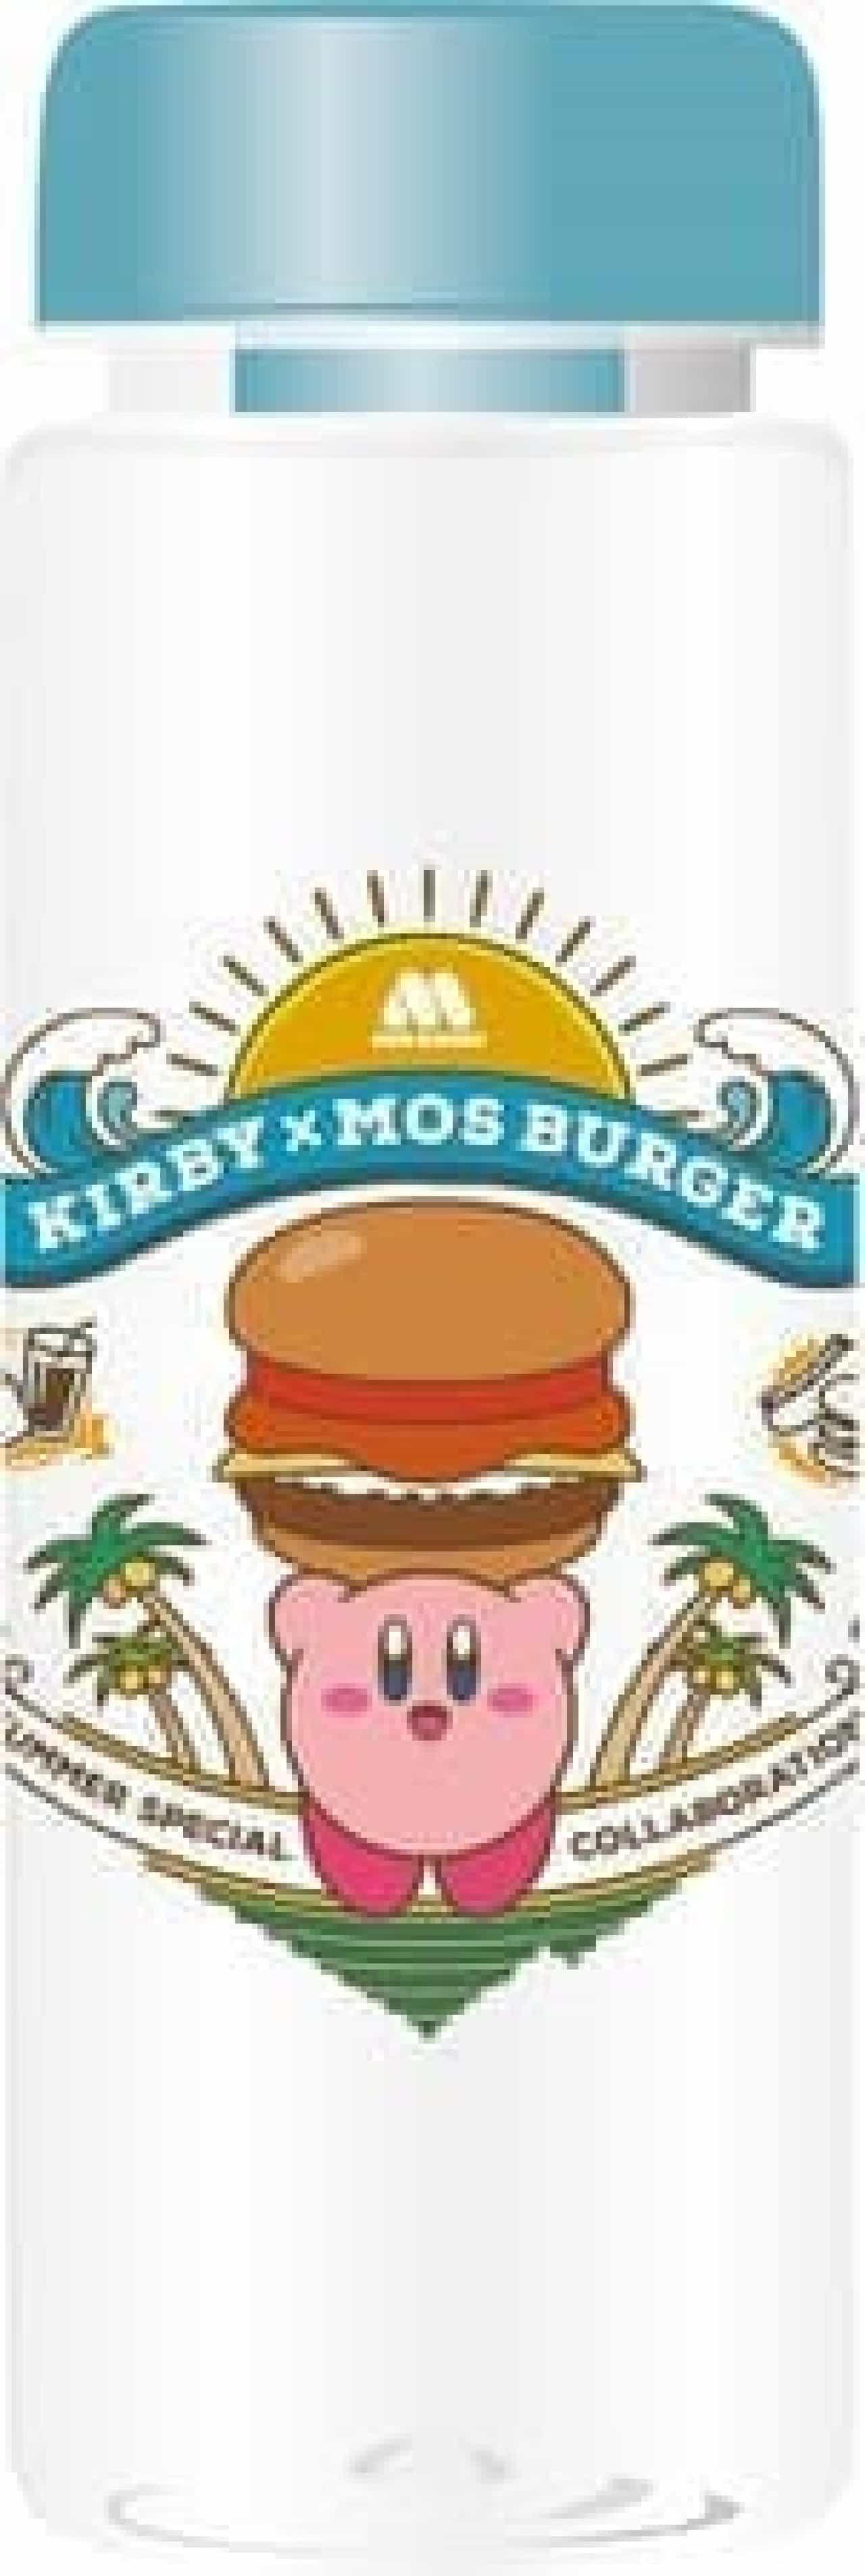 夏の福袋「モス×カービィ サマーラッキーバッグ」オリジナル雑貨4種+お食事補助券